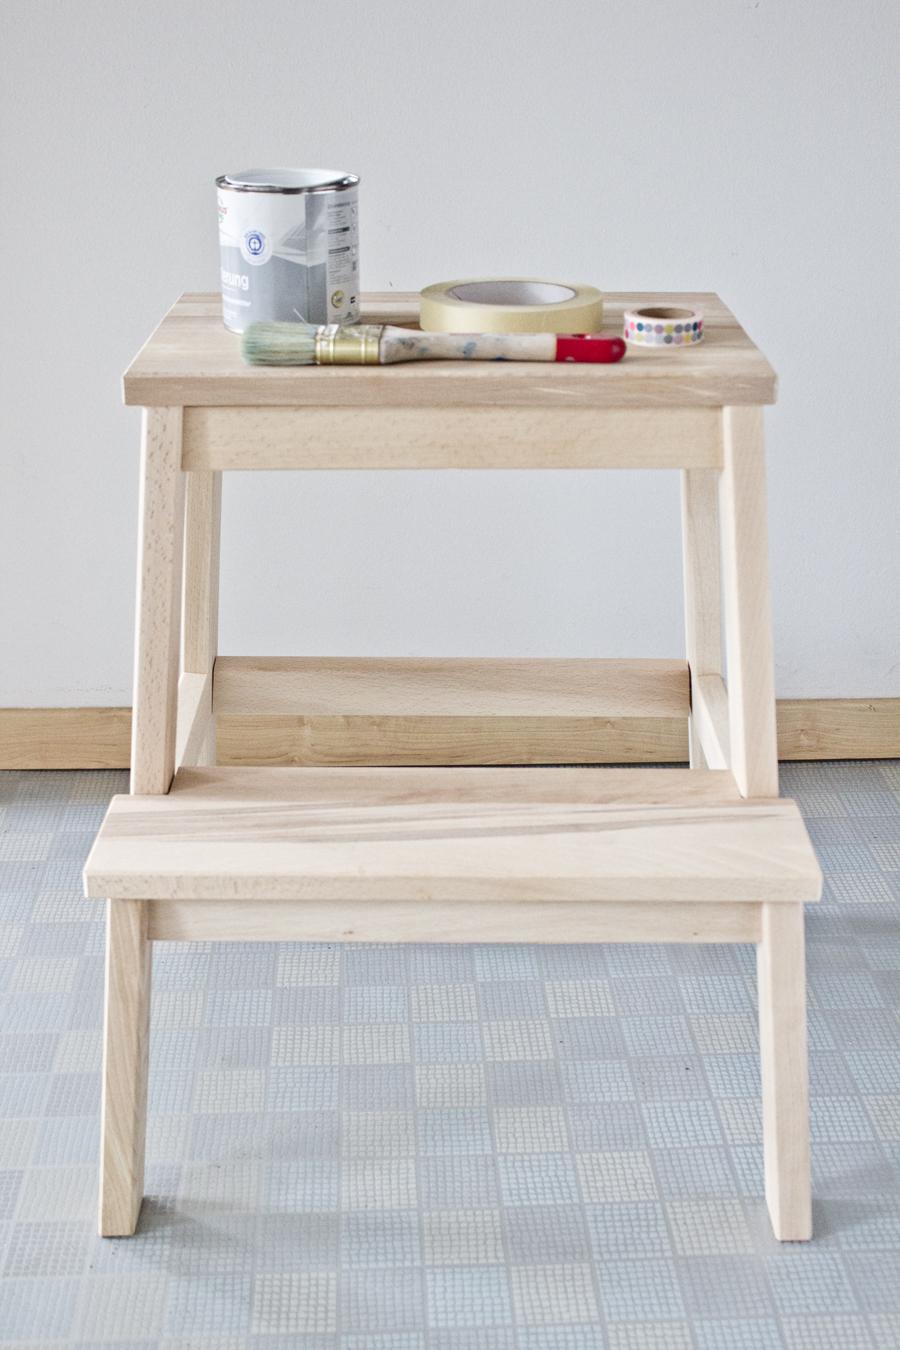 DIY Ikea Step Stool Wood Plans Free